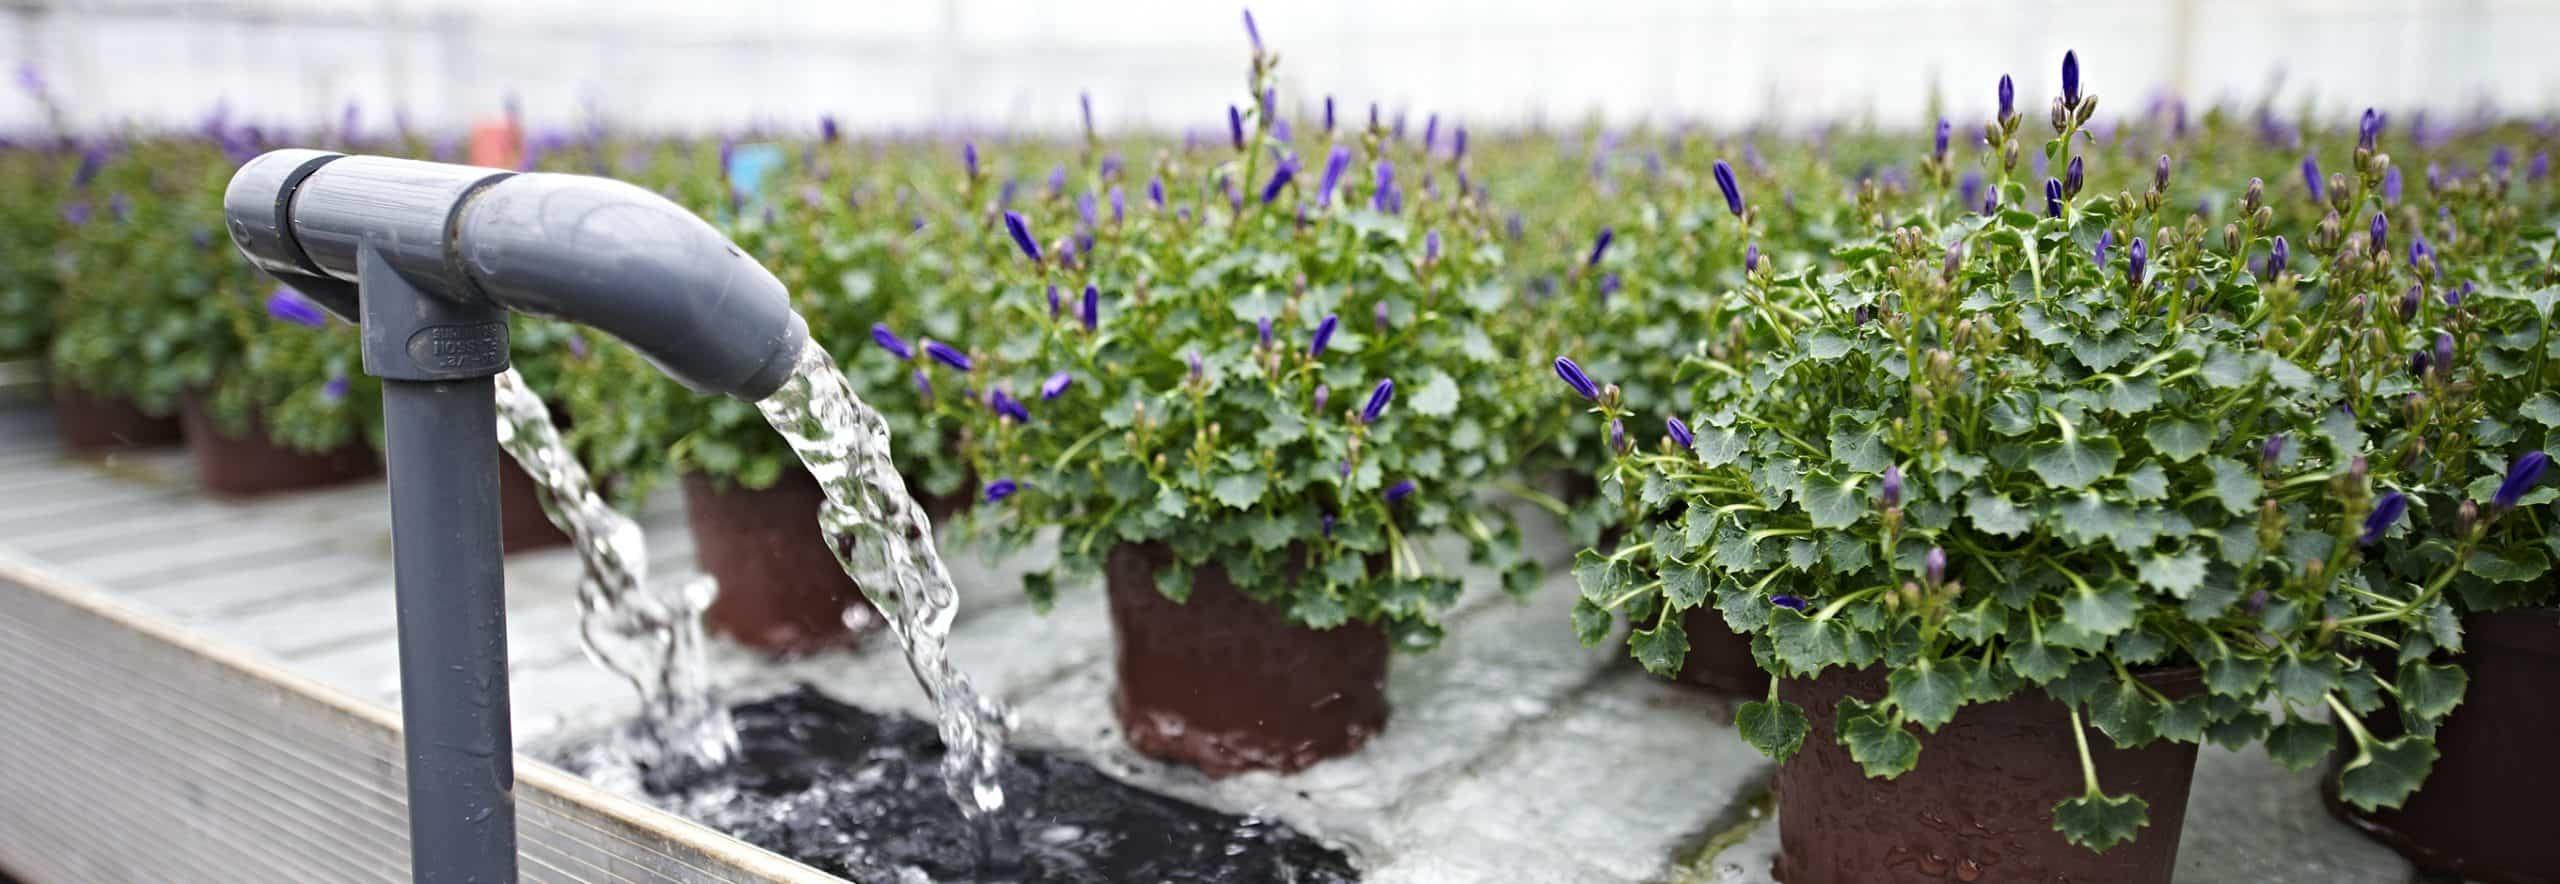 Лотки для выращивания растений Stal & Plast (поверхность для стола)